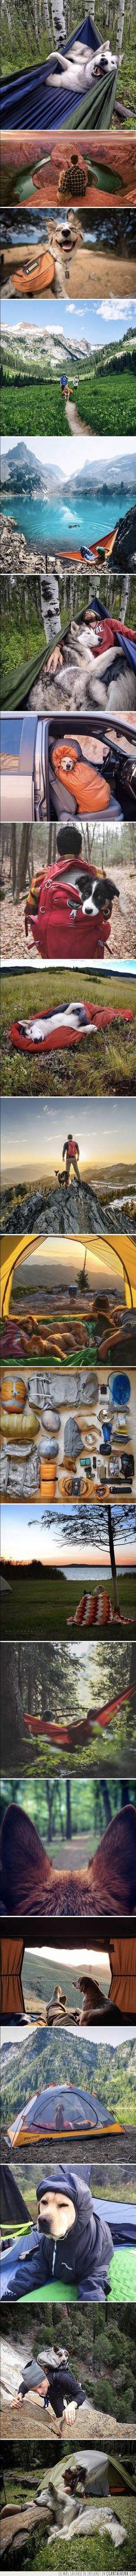 Nada mejor que tu perro para viajar